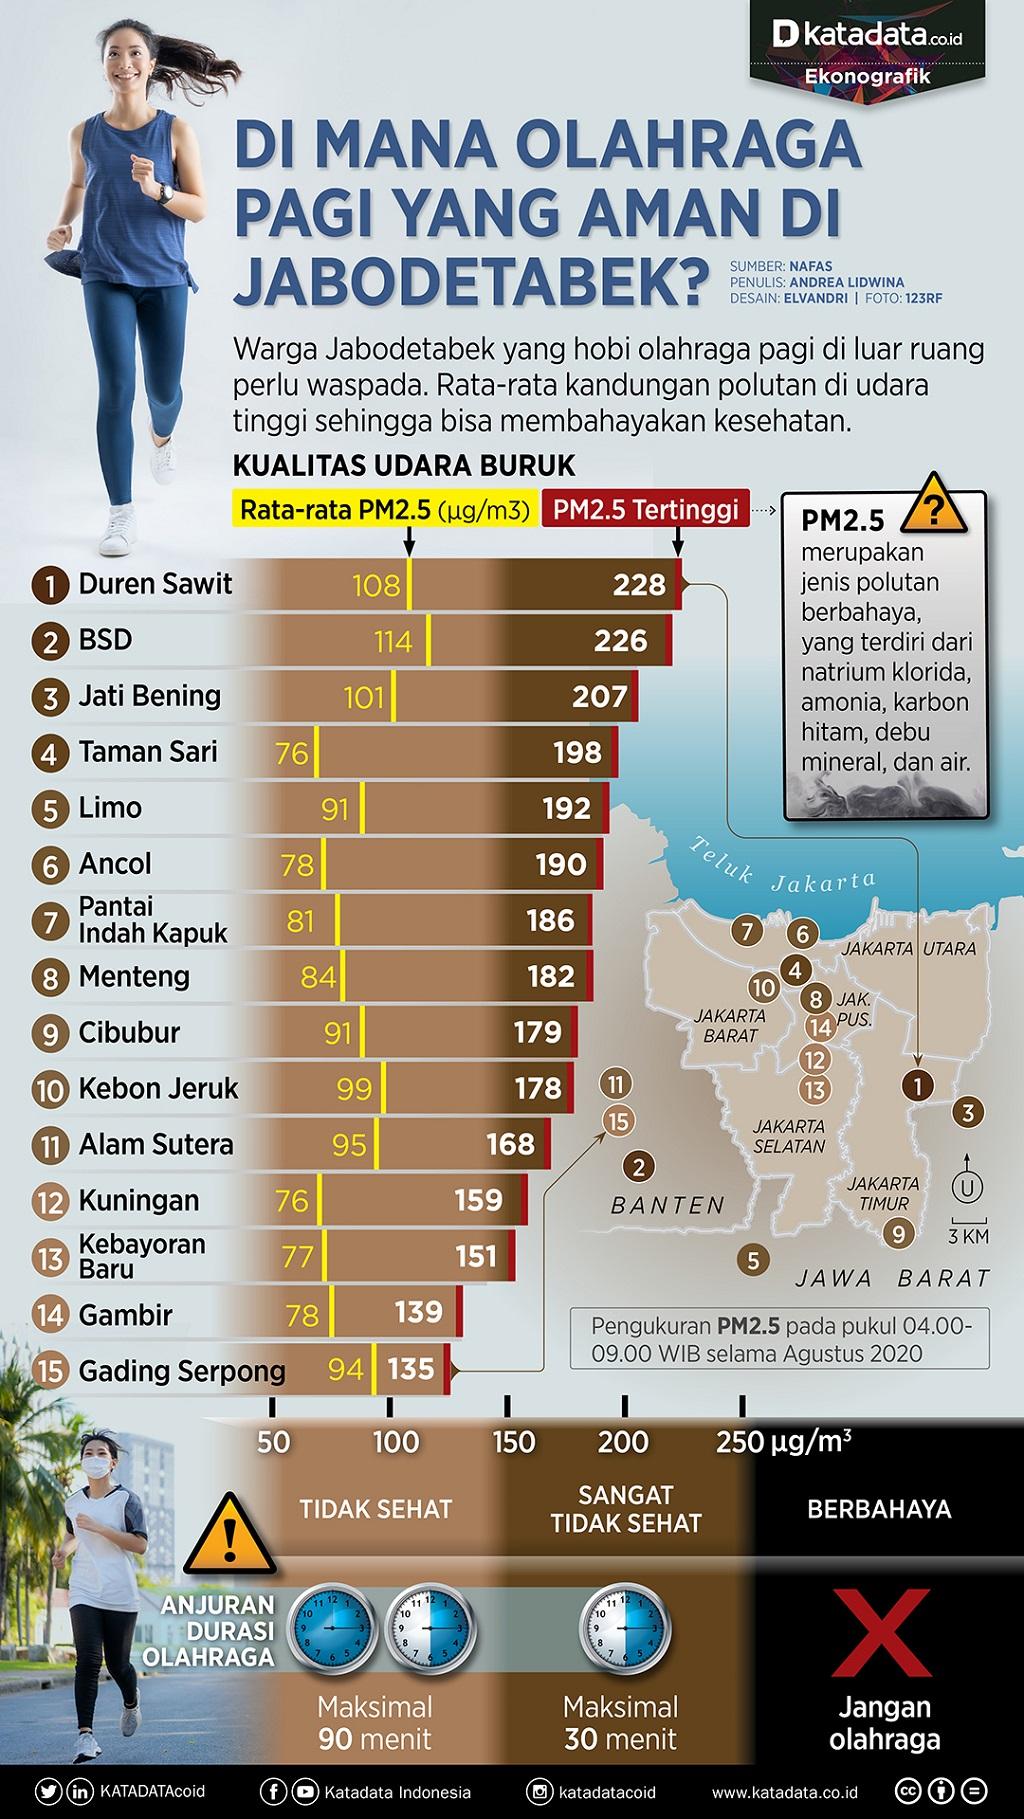 Infografik_Di mana olahraga pagi yang aman di jabodetabek